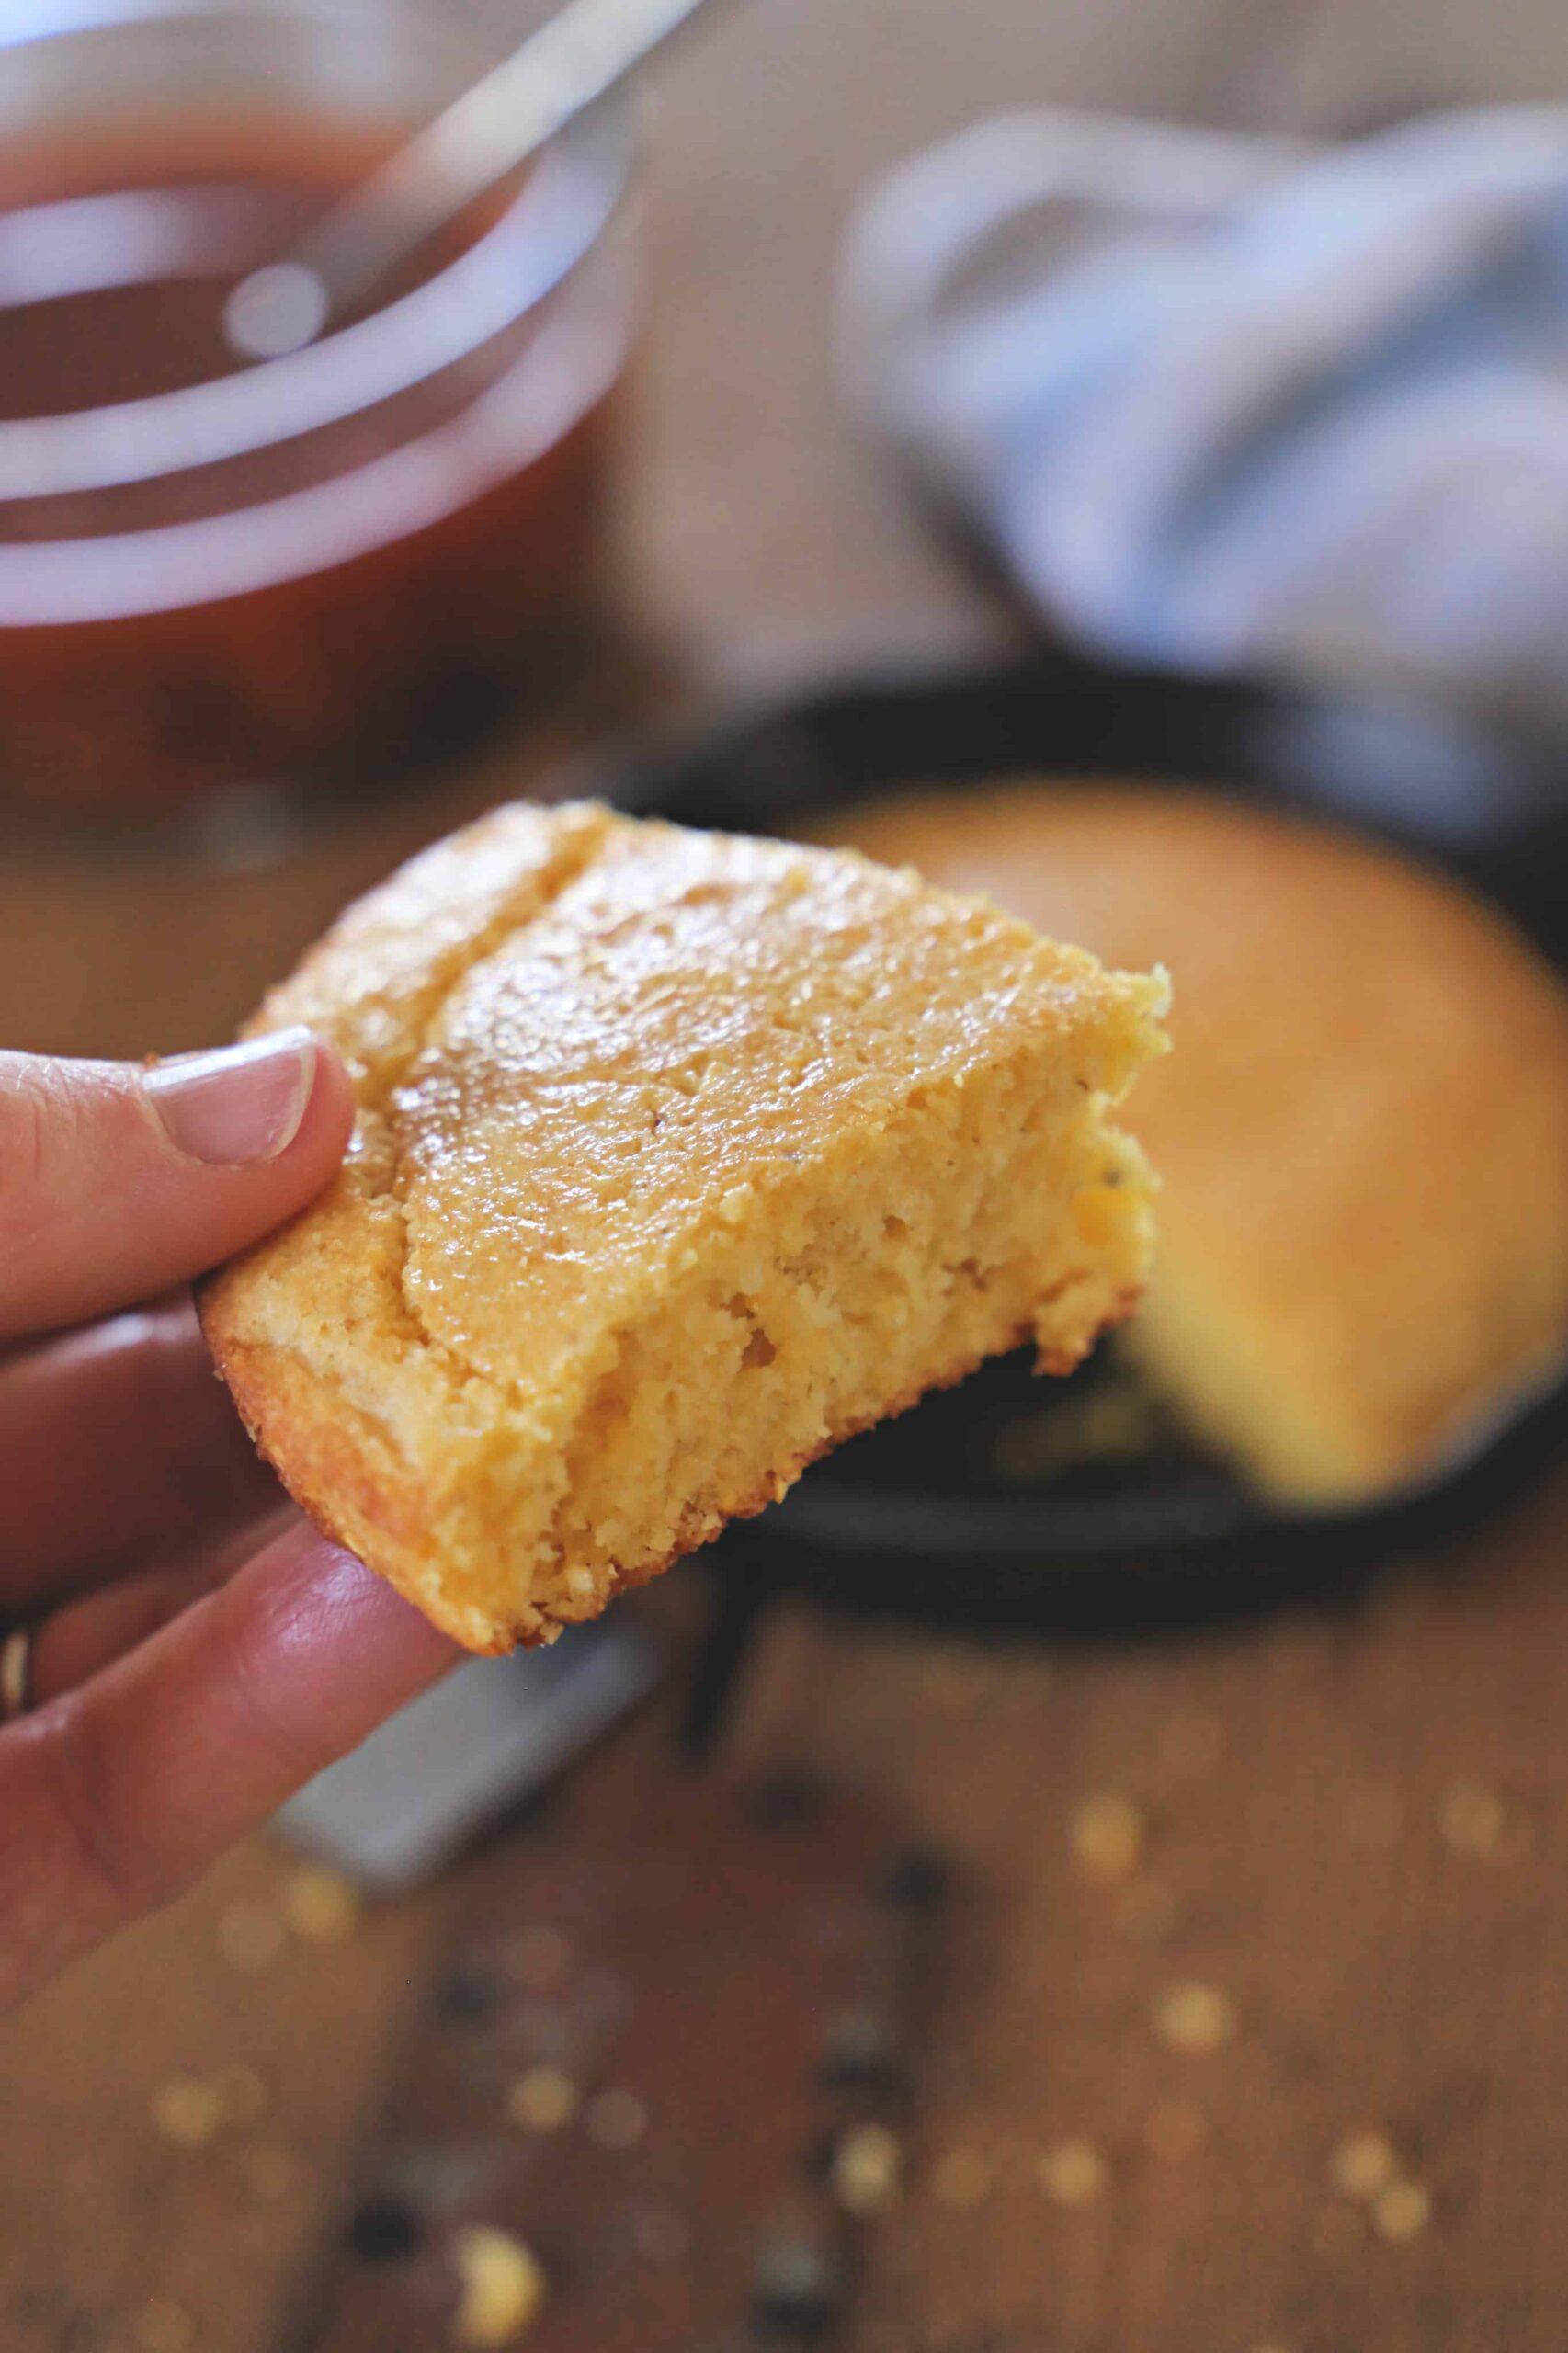 small slice of cornbread